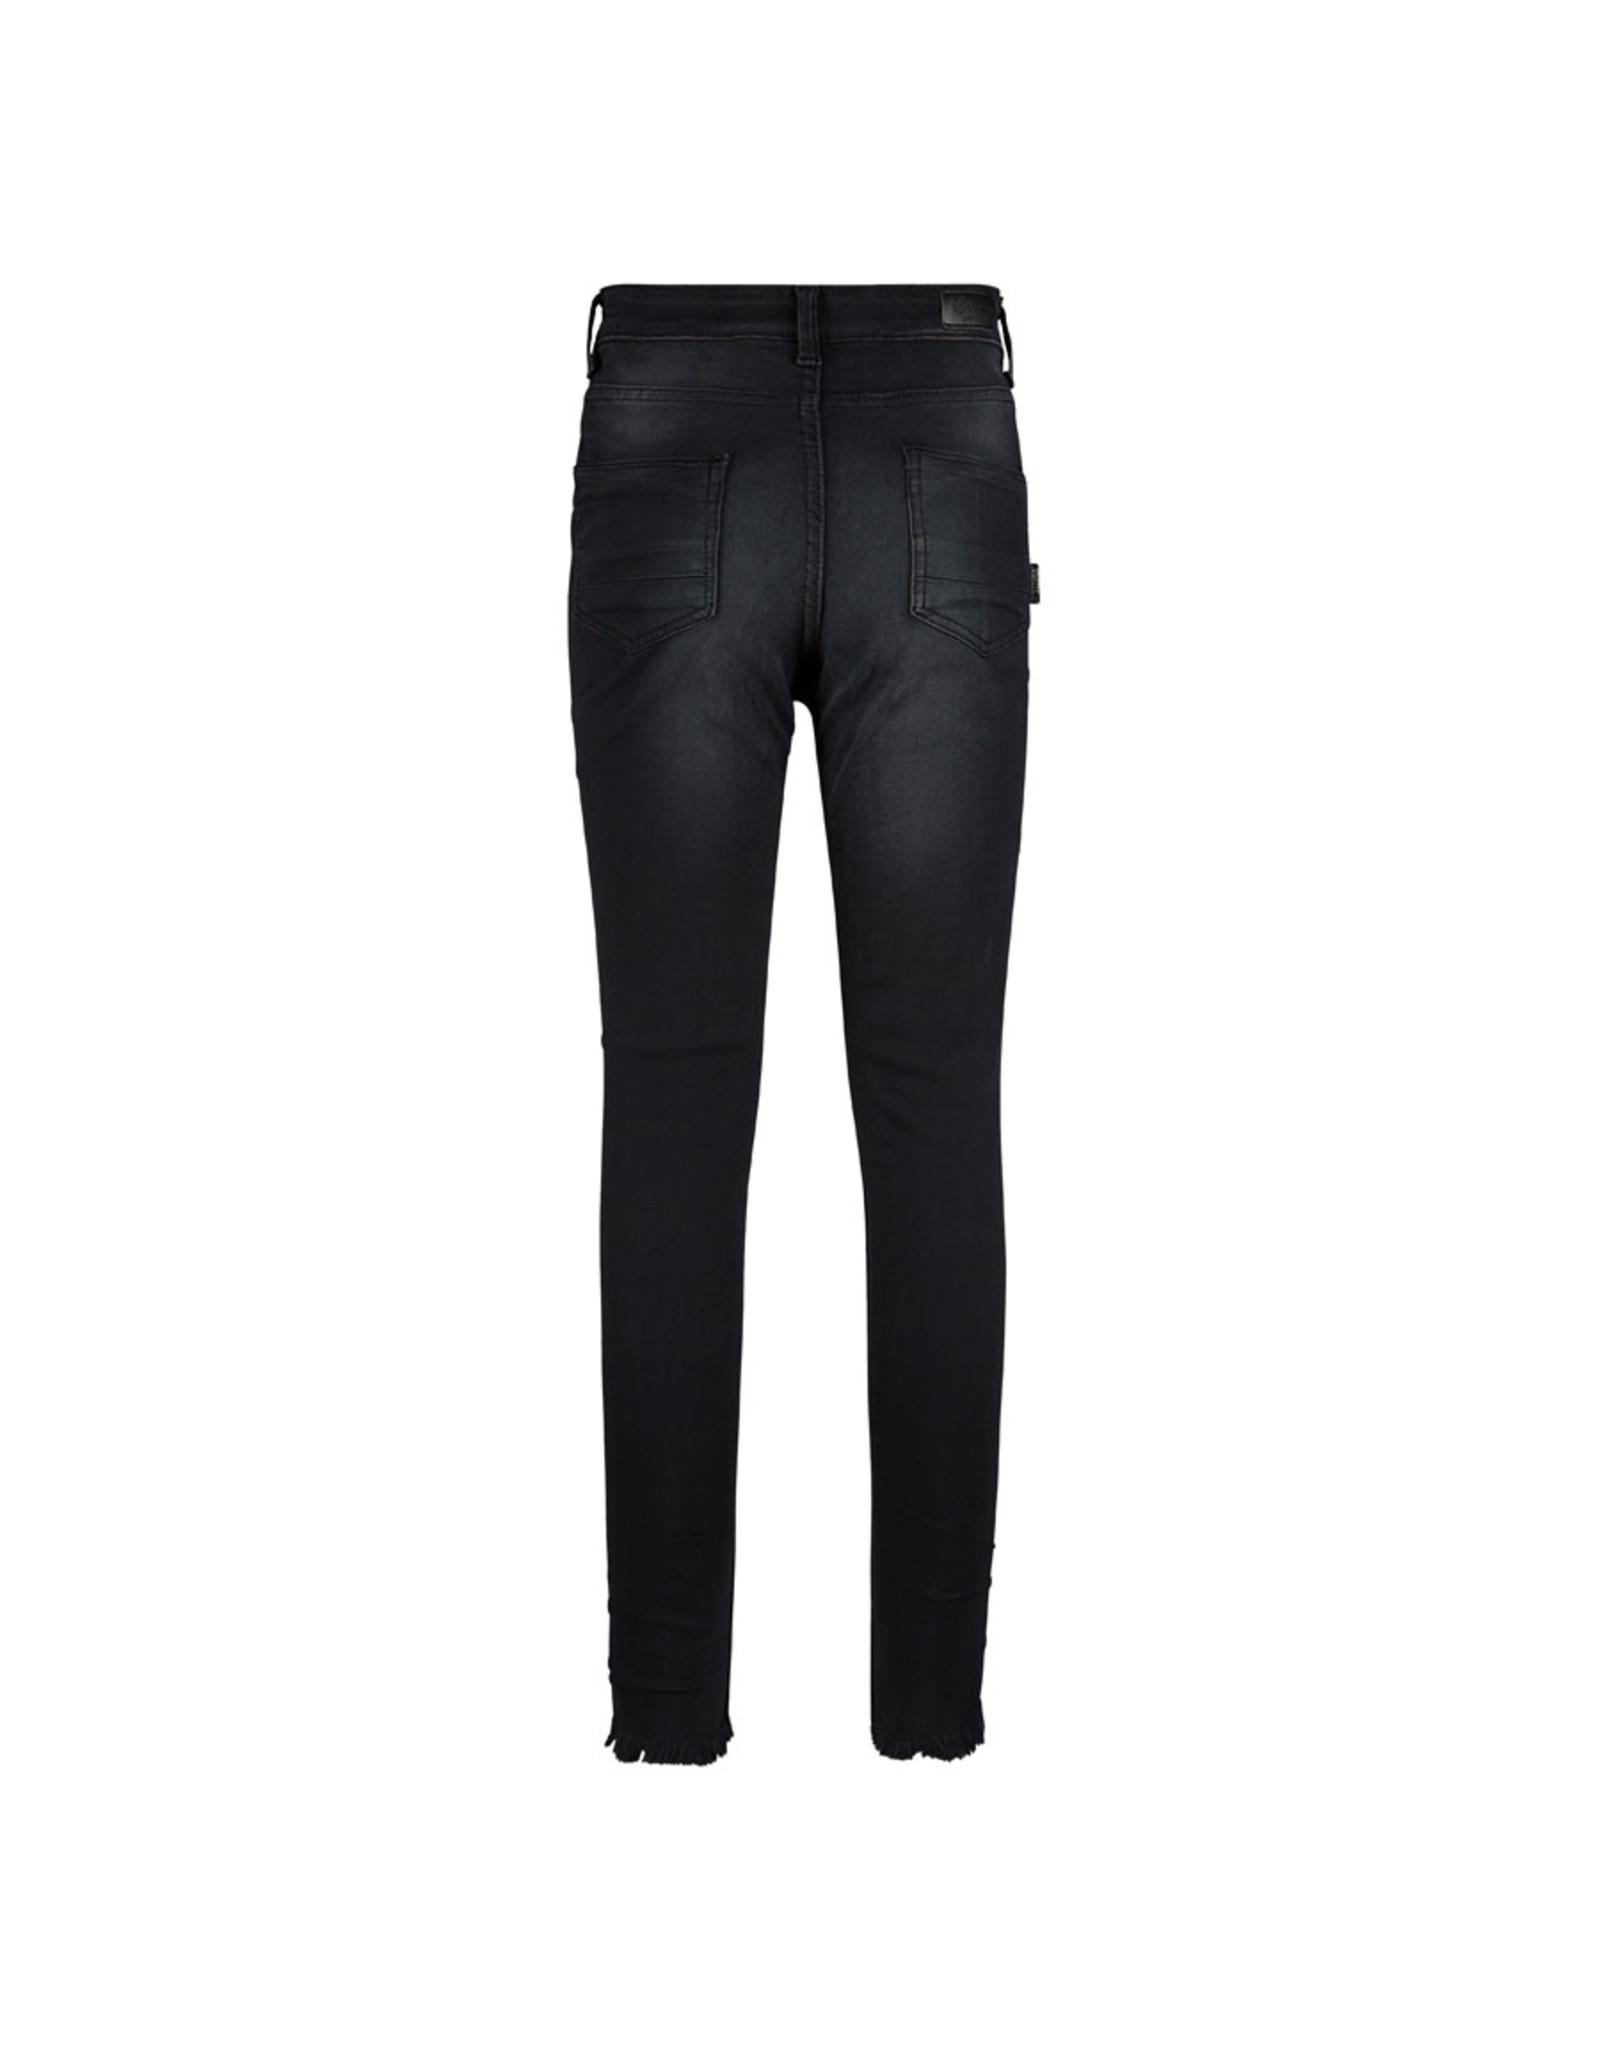 RETOUR Retour meiden jeans Brianna Black Denim